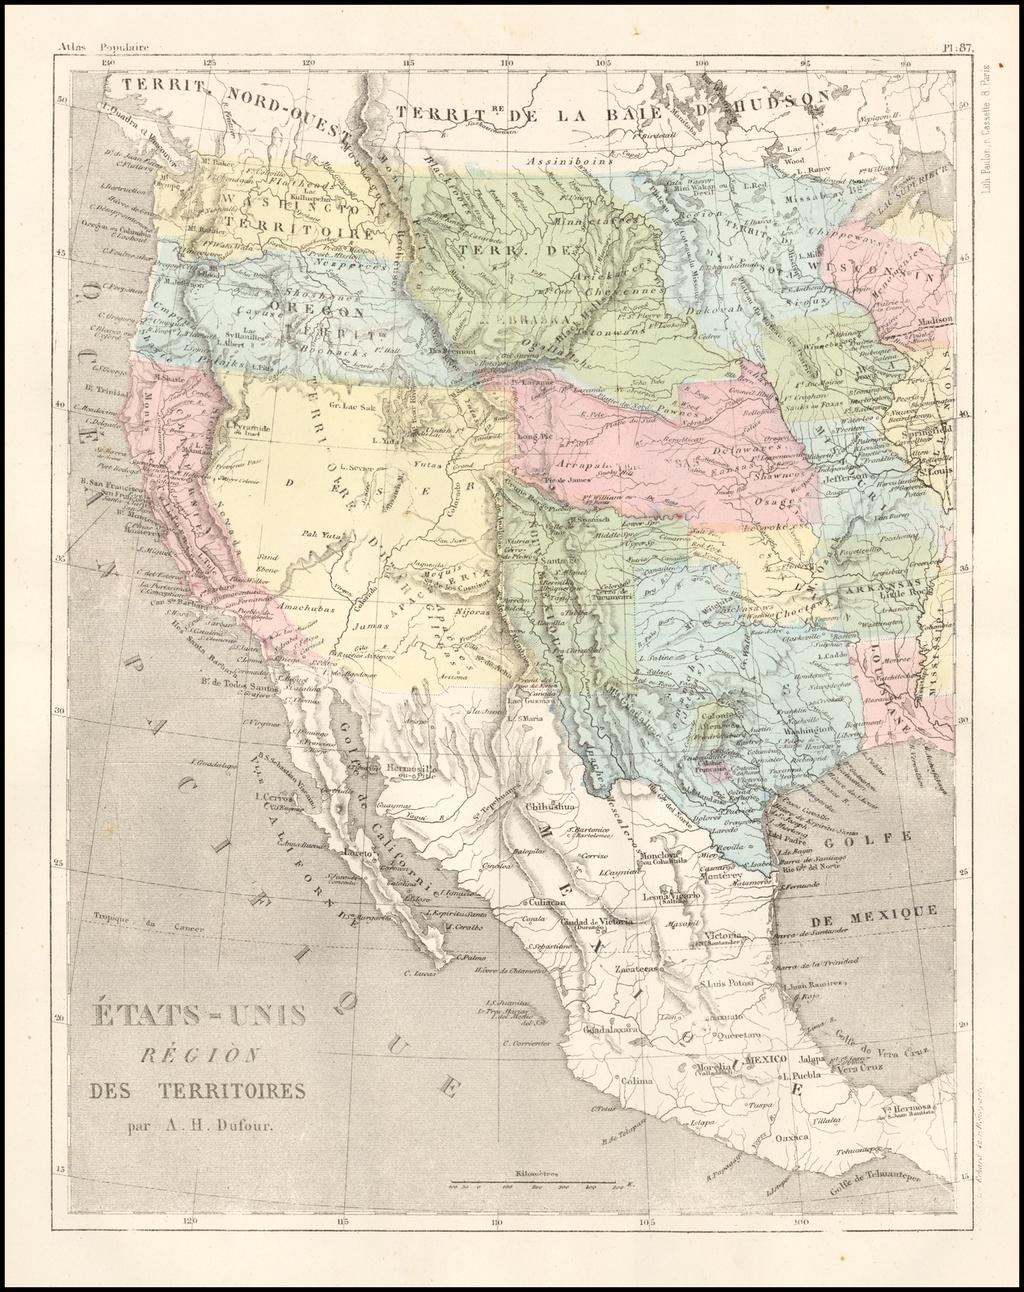 Etats-Unis Region Des Territoires . . . By Adolphe Hippolyte Dufour